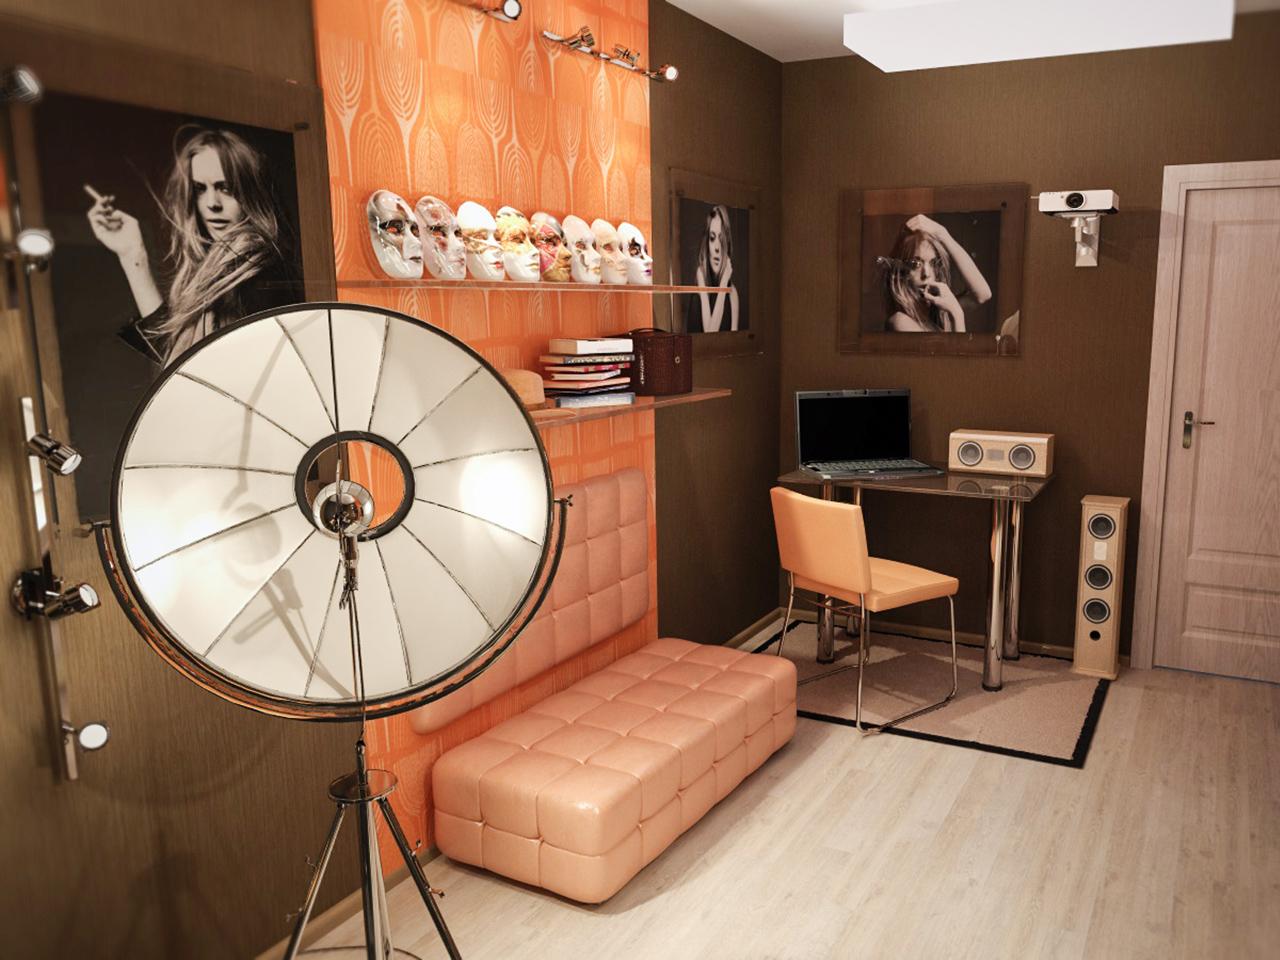 Дизайн интерьера фото-студии для частного фотографа в г. Минске